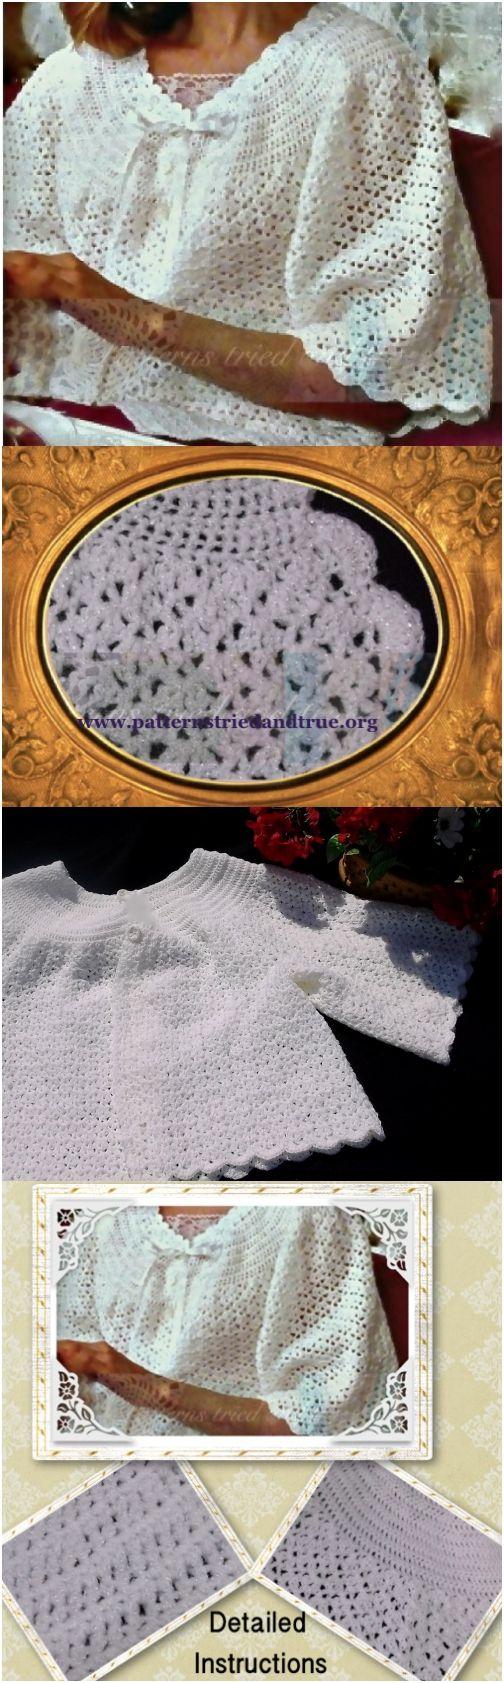 Crochet Bed Jacket Pattern Feminine Elegant For Elderly Women